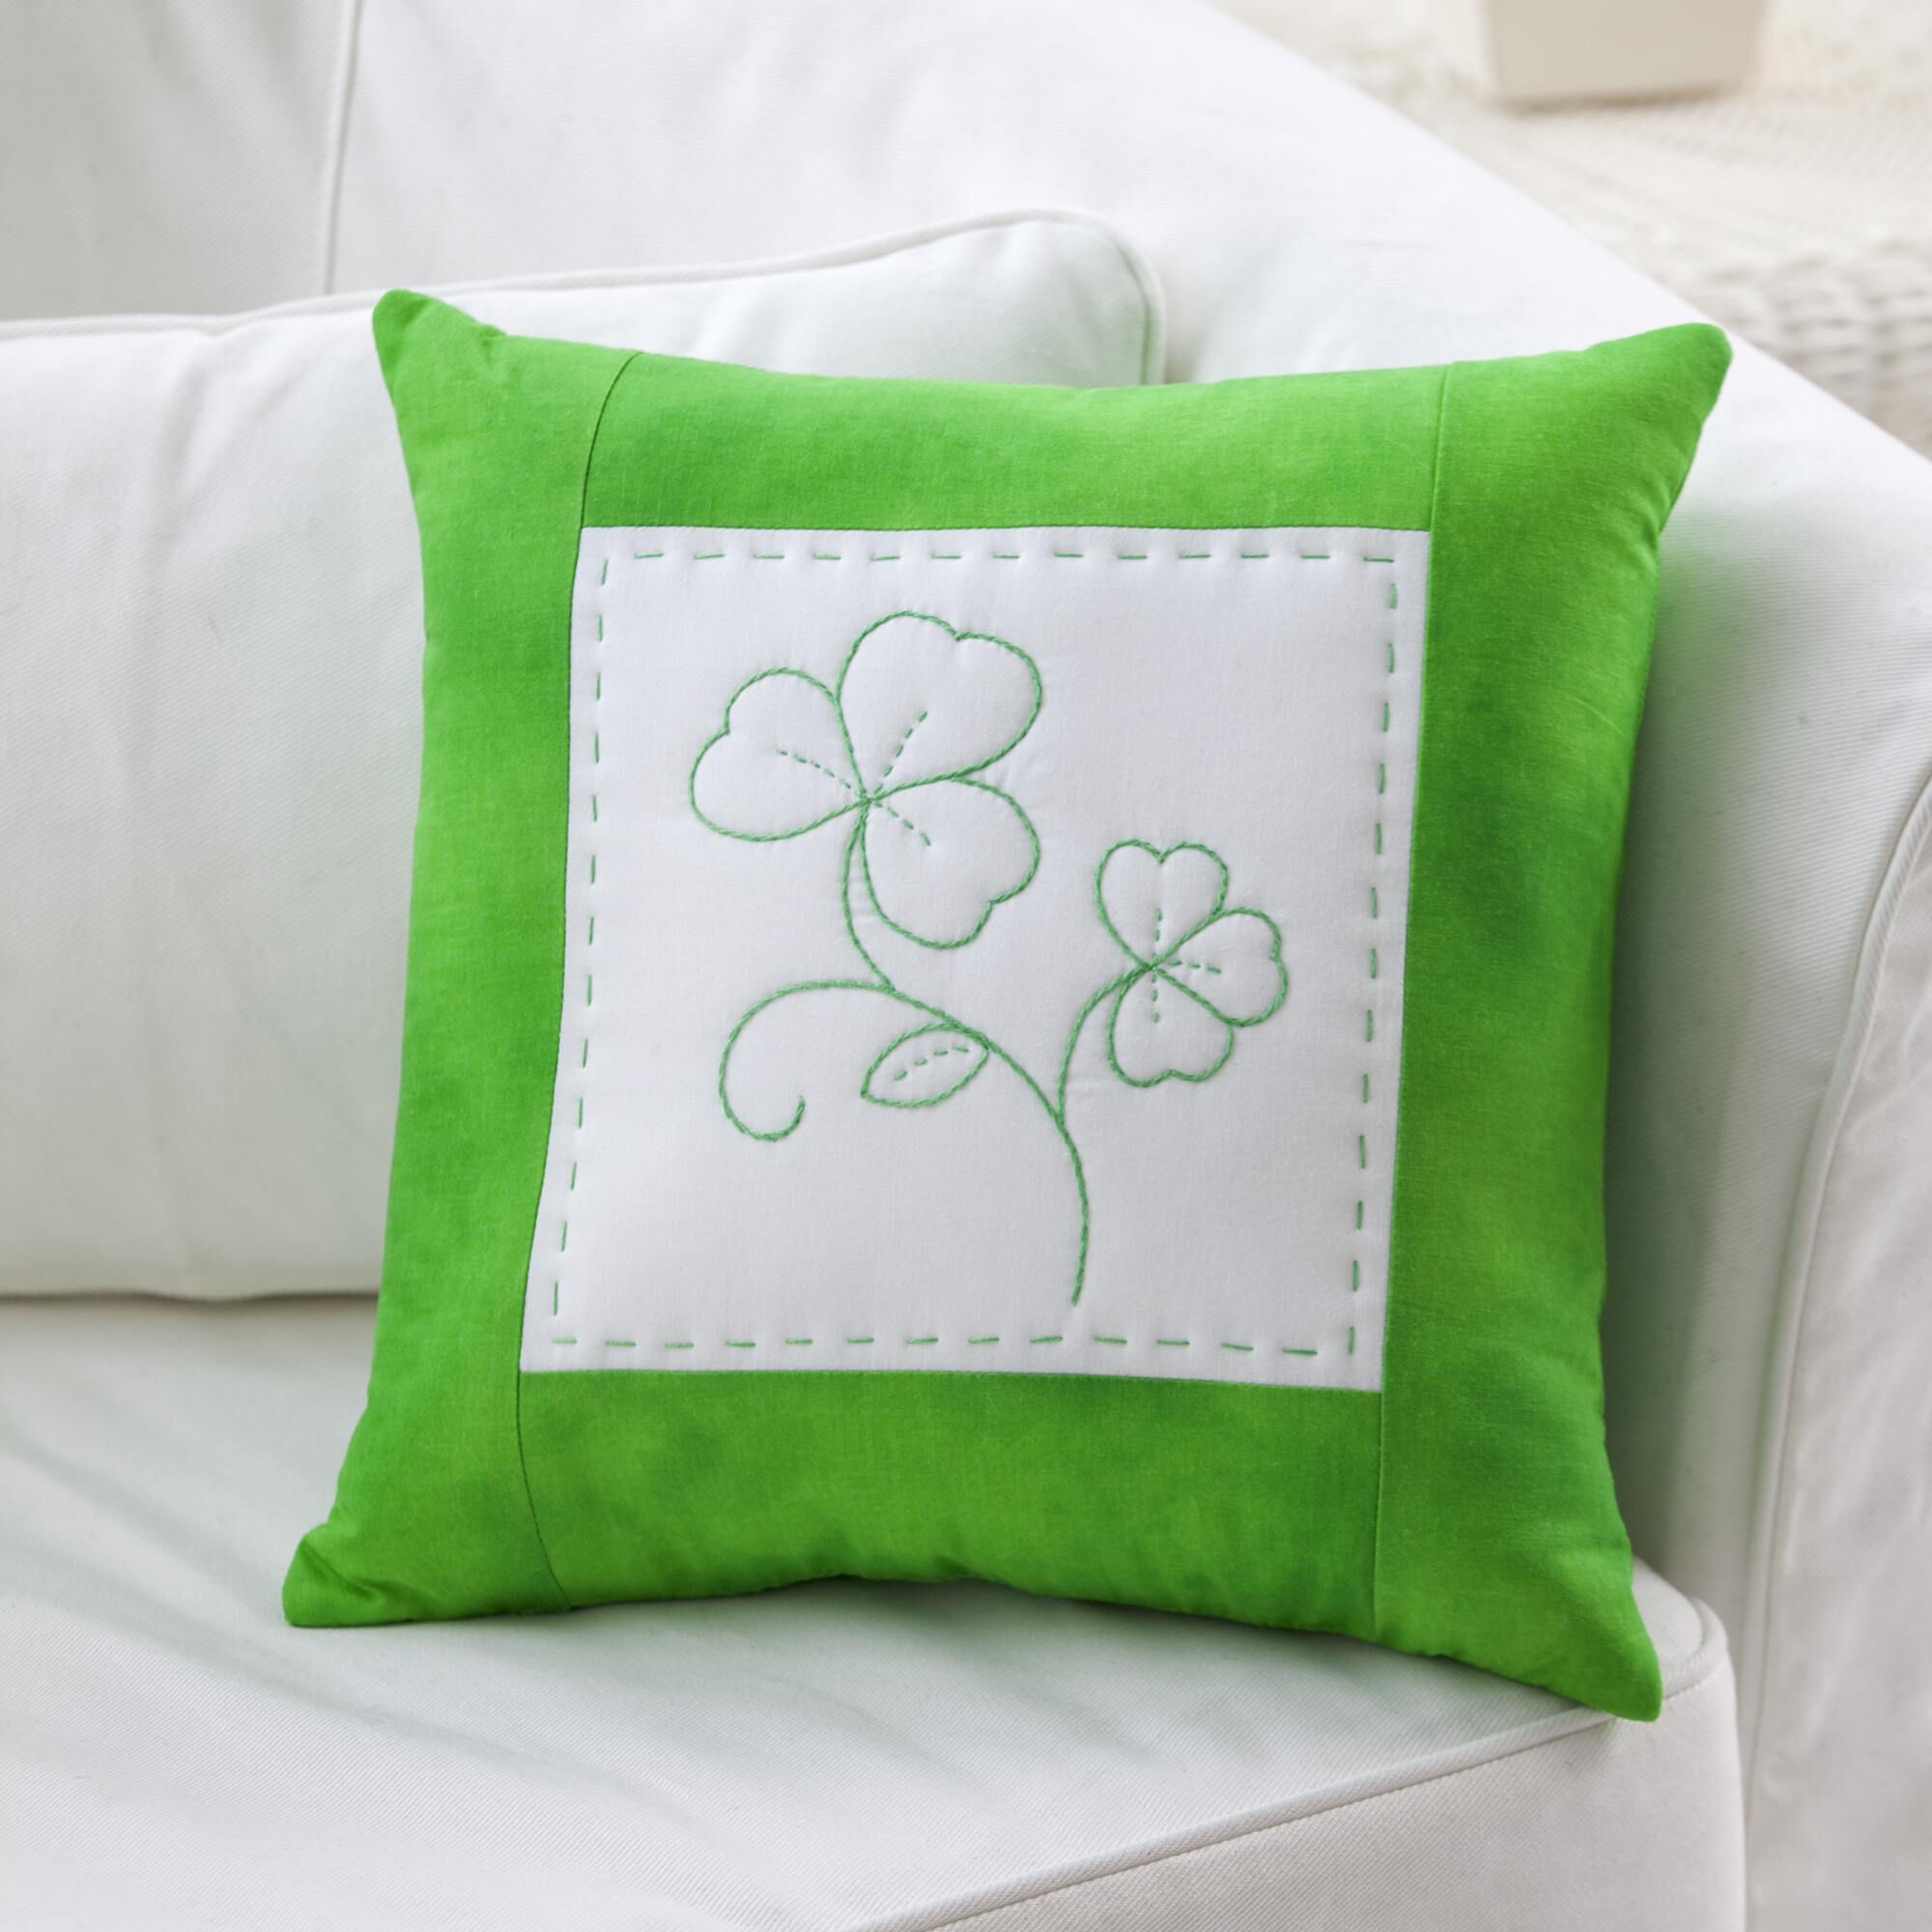 三叶草绿枕|轻松圣帕特里克节装饰|缝纫项目|特色